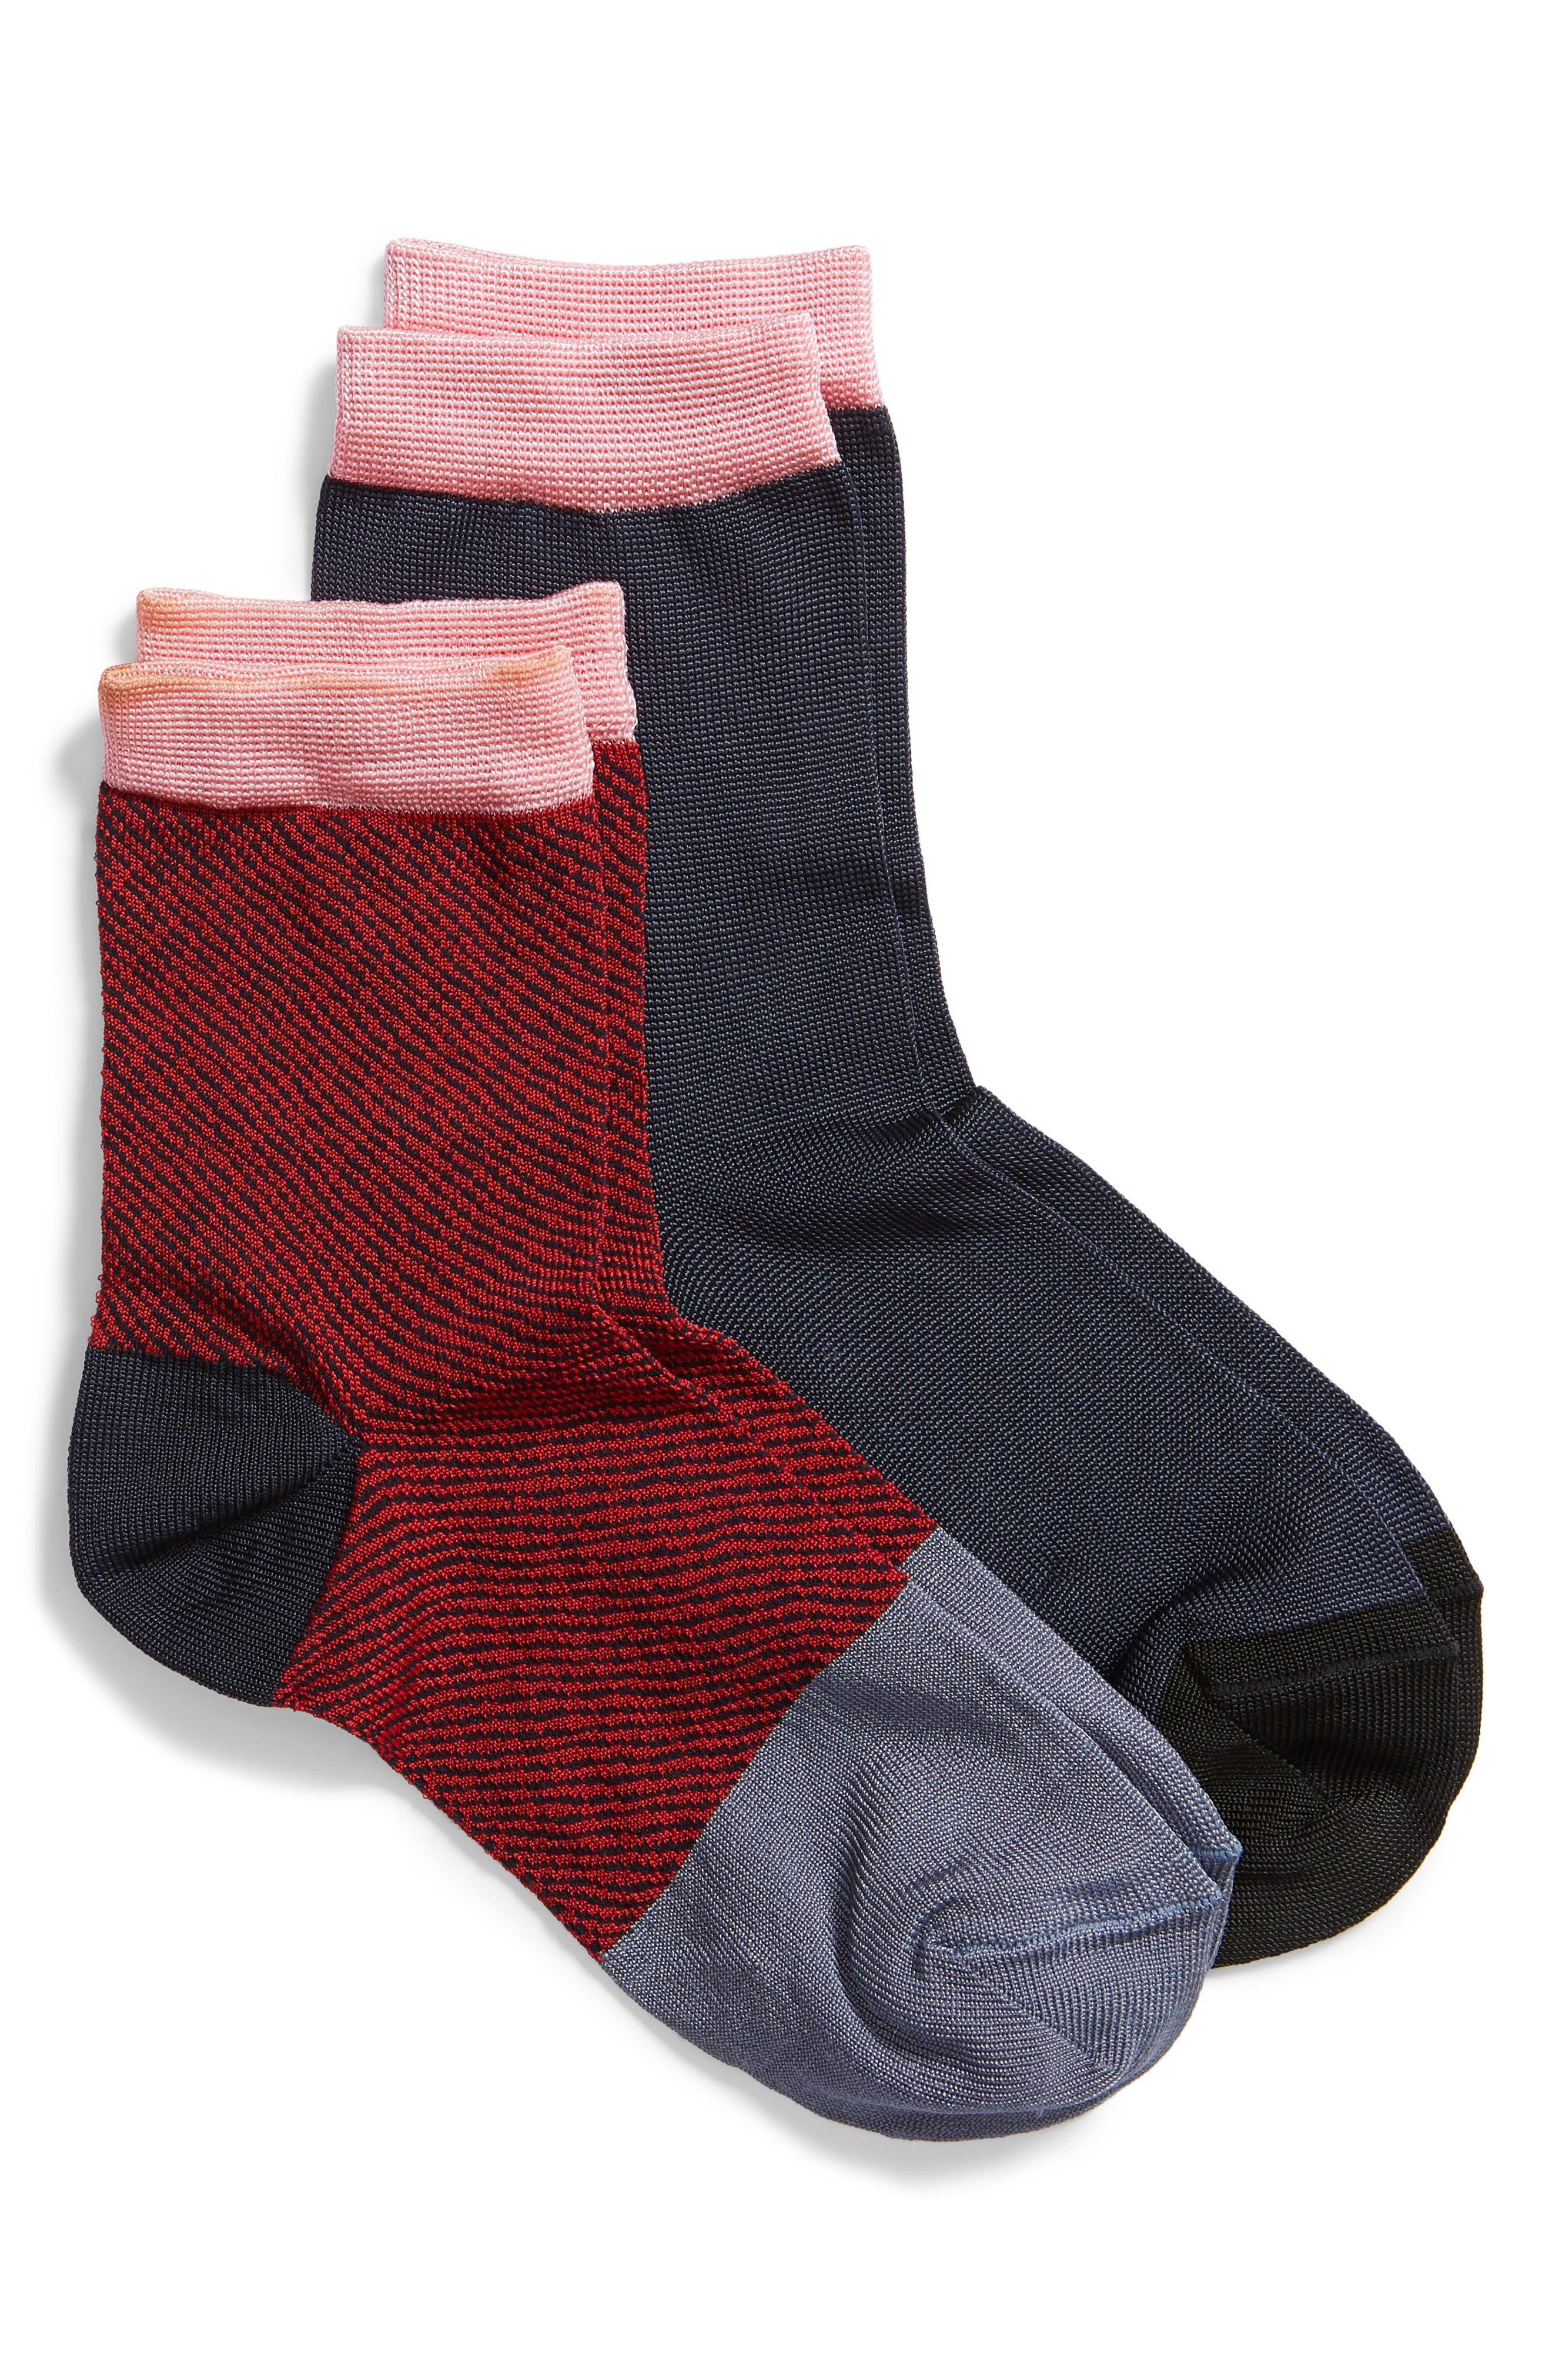 Kajsa 2-Pack Crew Socks, Main, color, 400